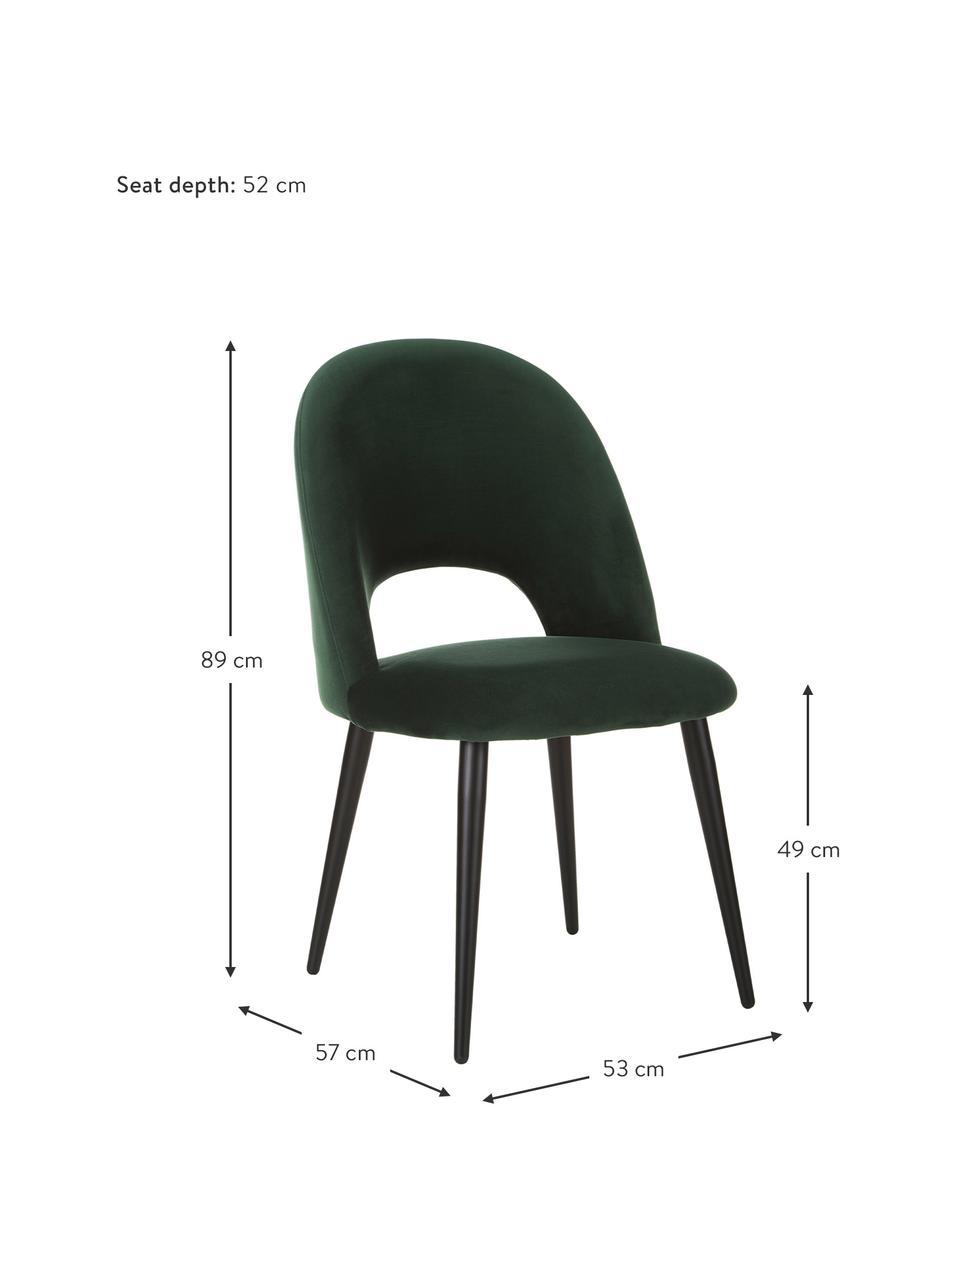 Sedia imbottita in velluto verde scuro Rachel, Rivestimento: (100% poliestere) Con 50., Gambe: metallo verniciato a polv, Velluto verde scuro, Larg. 53 x Prof. 57 cm